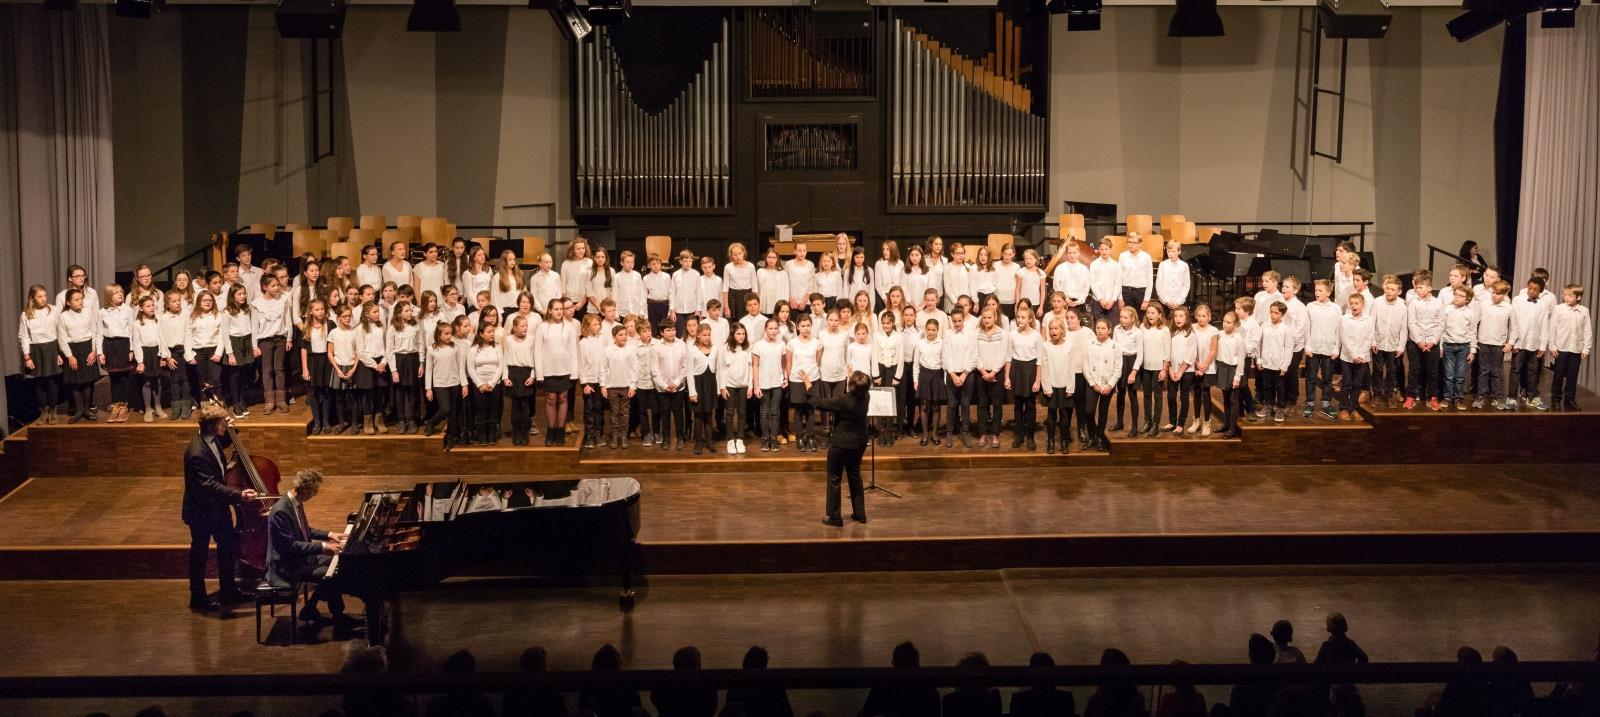 Chor der Klassen 6 und 7 unter der Leitung von Frau Mittenhuber